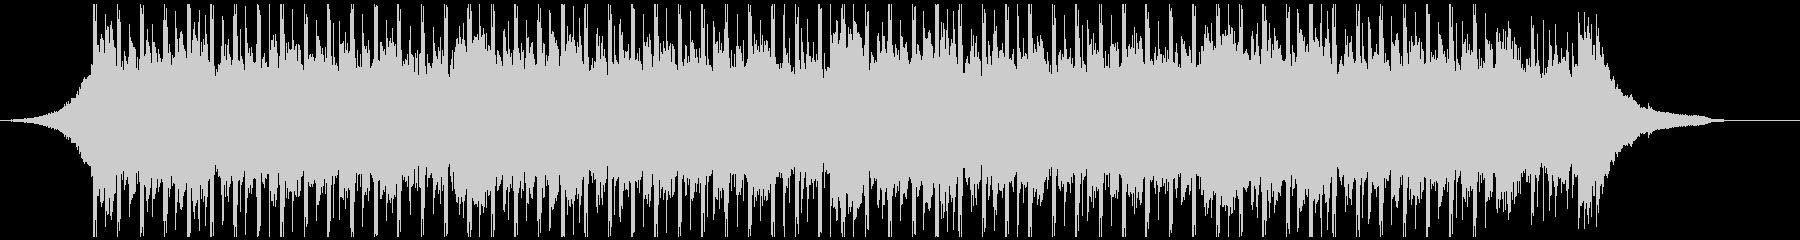 モダンコーポレーション(38秒)の未再生の波形